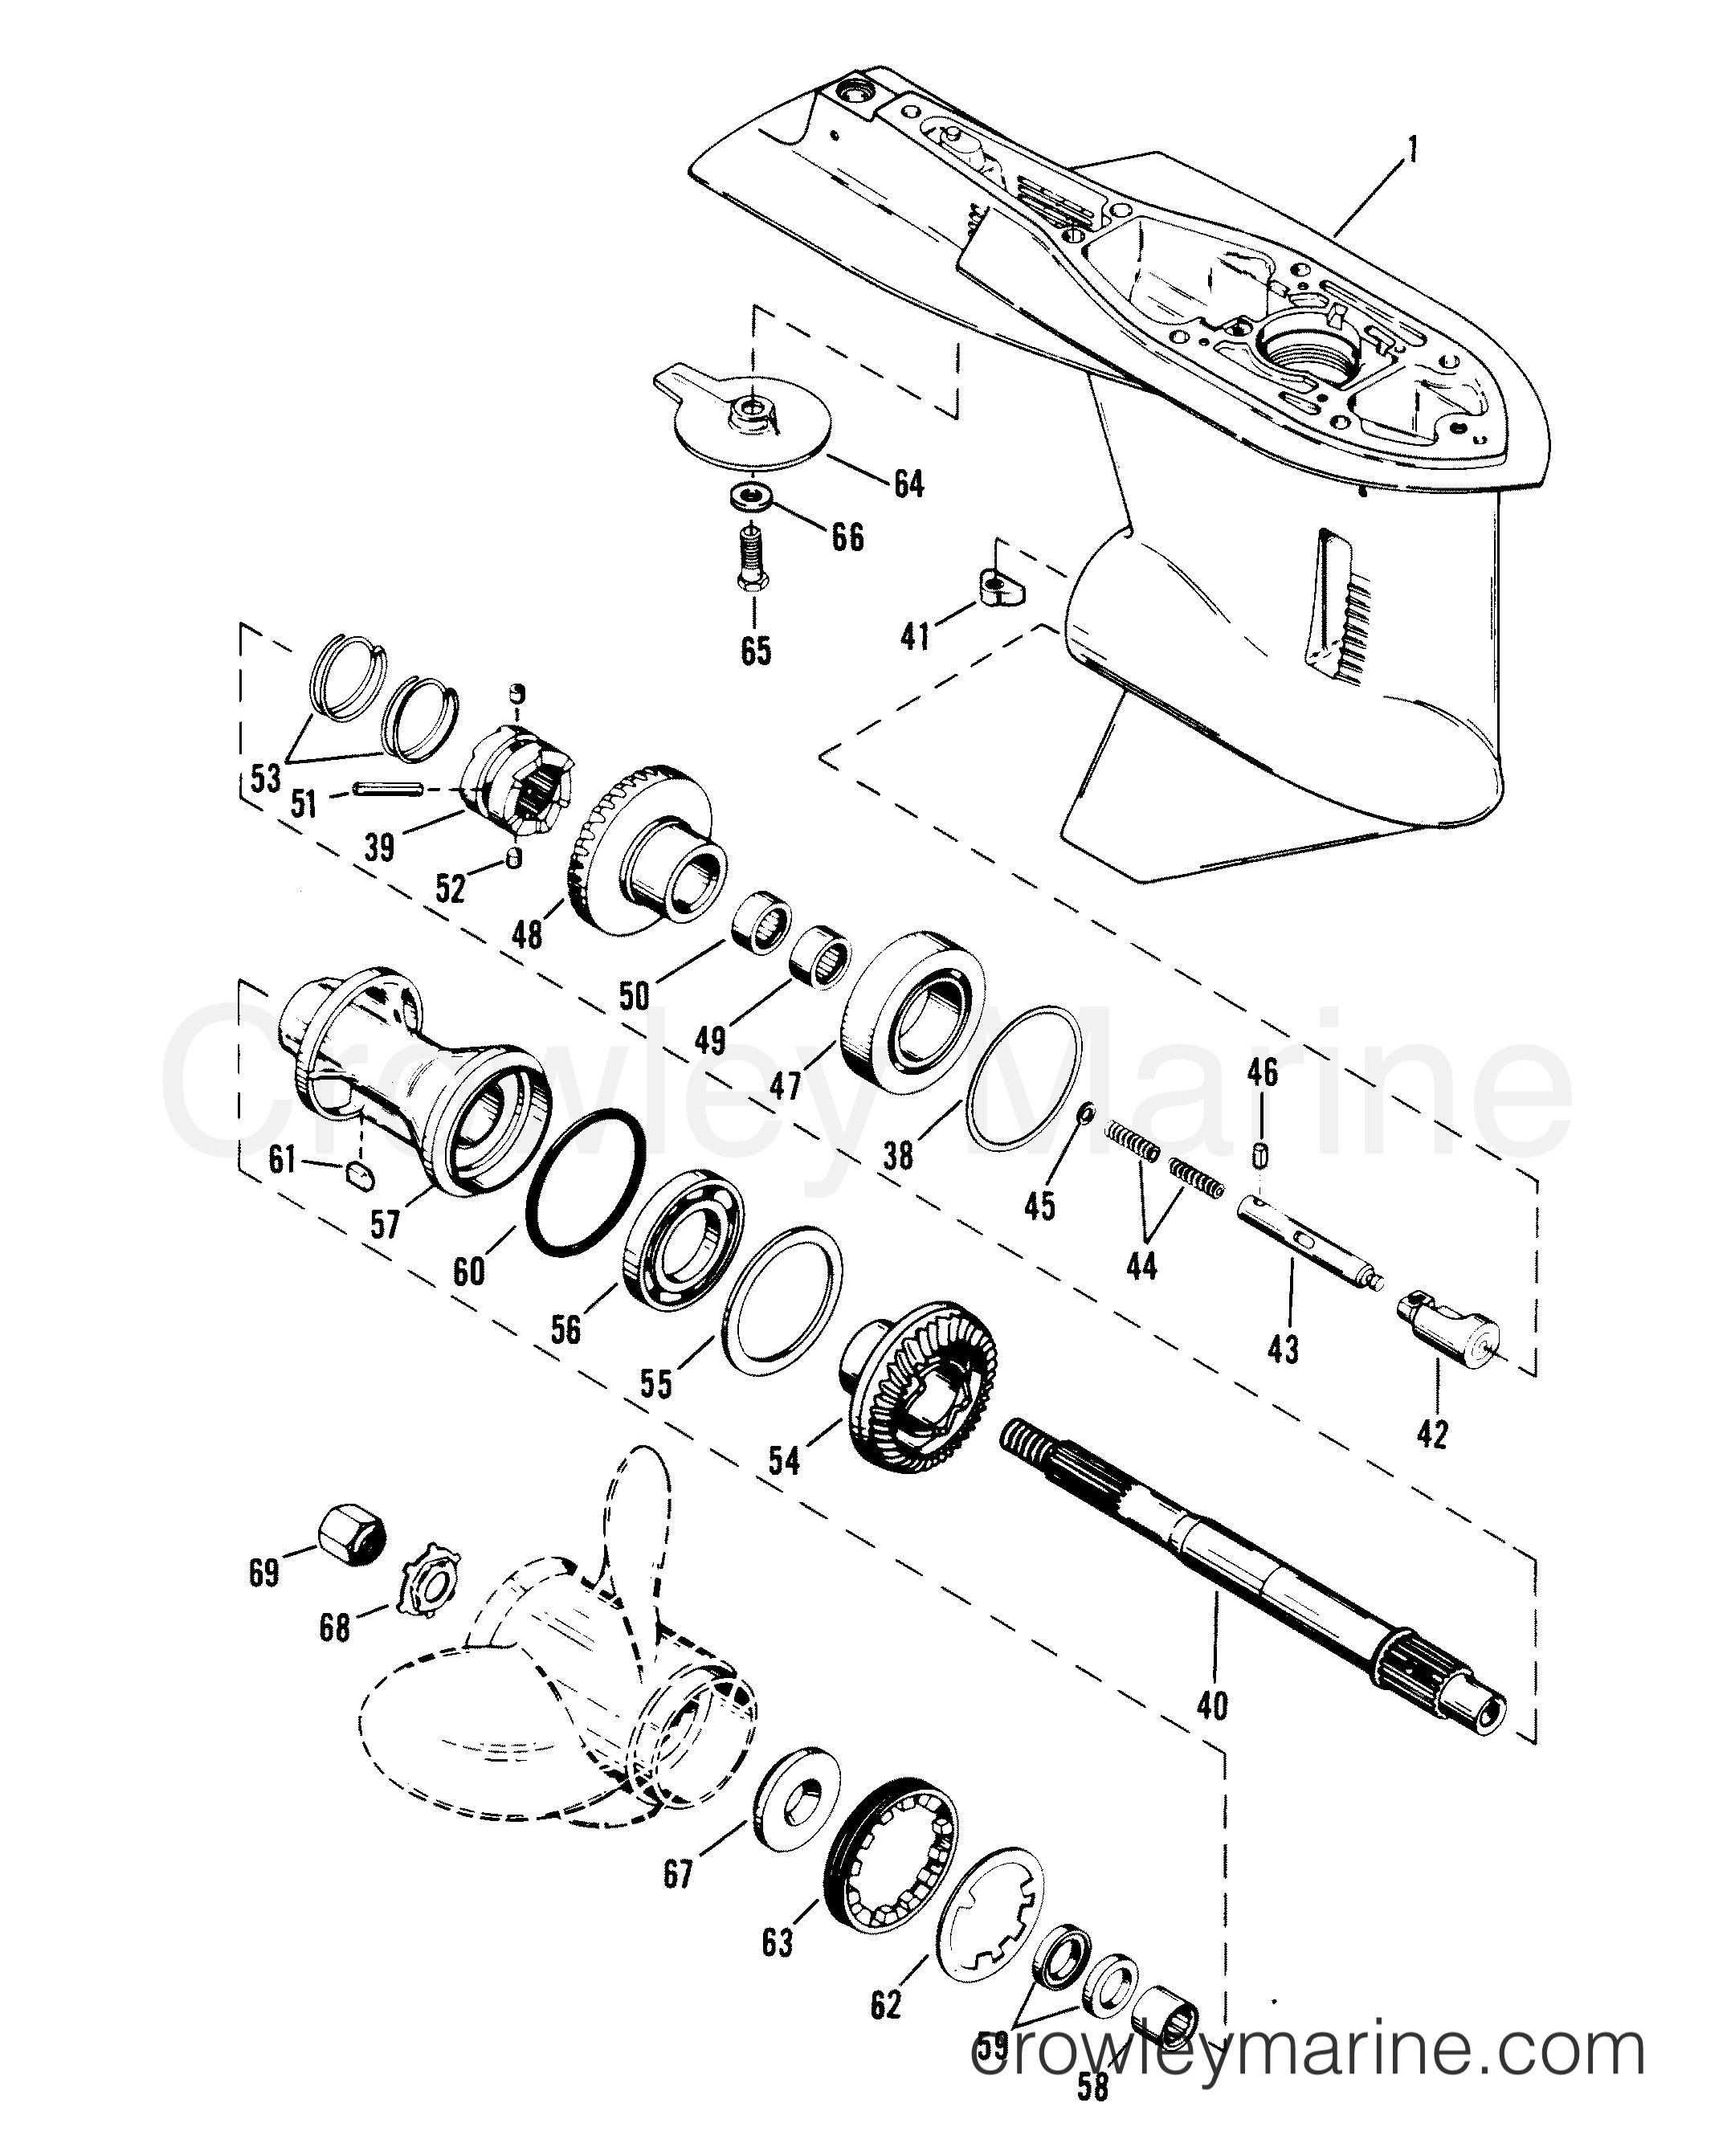 GEAR HOUSING (PROPELLER SHAFT) - Serial Range Mercury Race Outboard